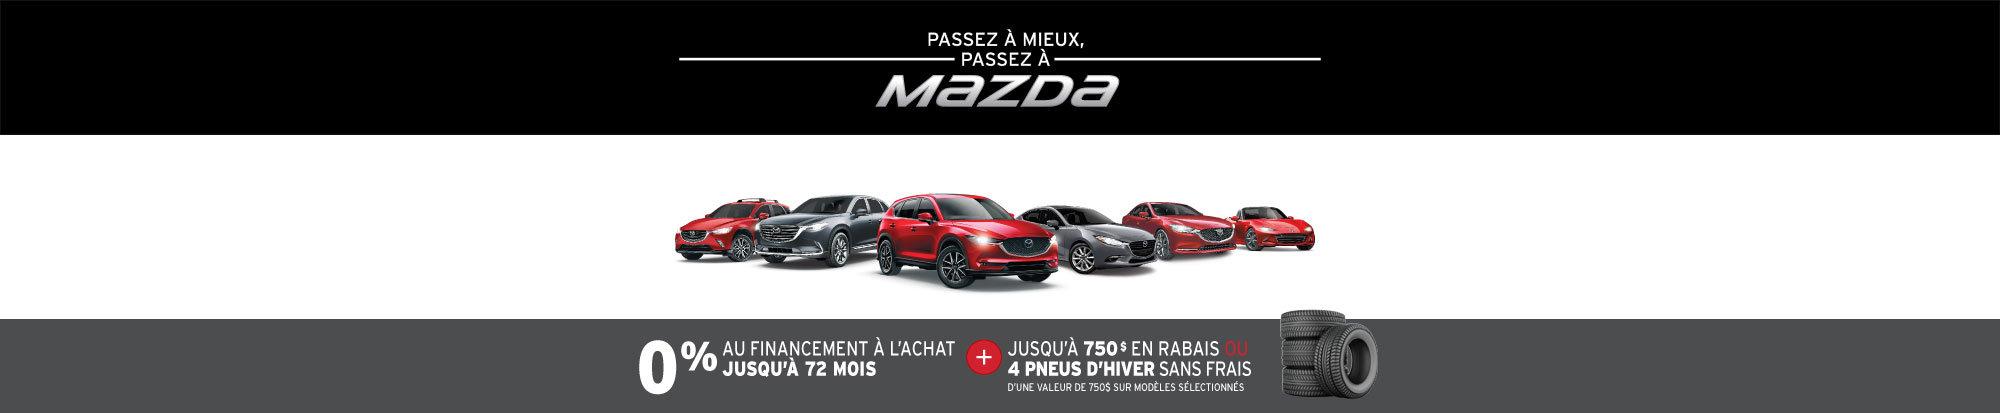 L'événement PASSEZ À MIEUX – PASSEZ AU GROUPE BEAUCAGE MAZDA! web